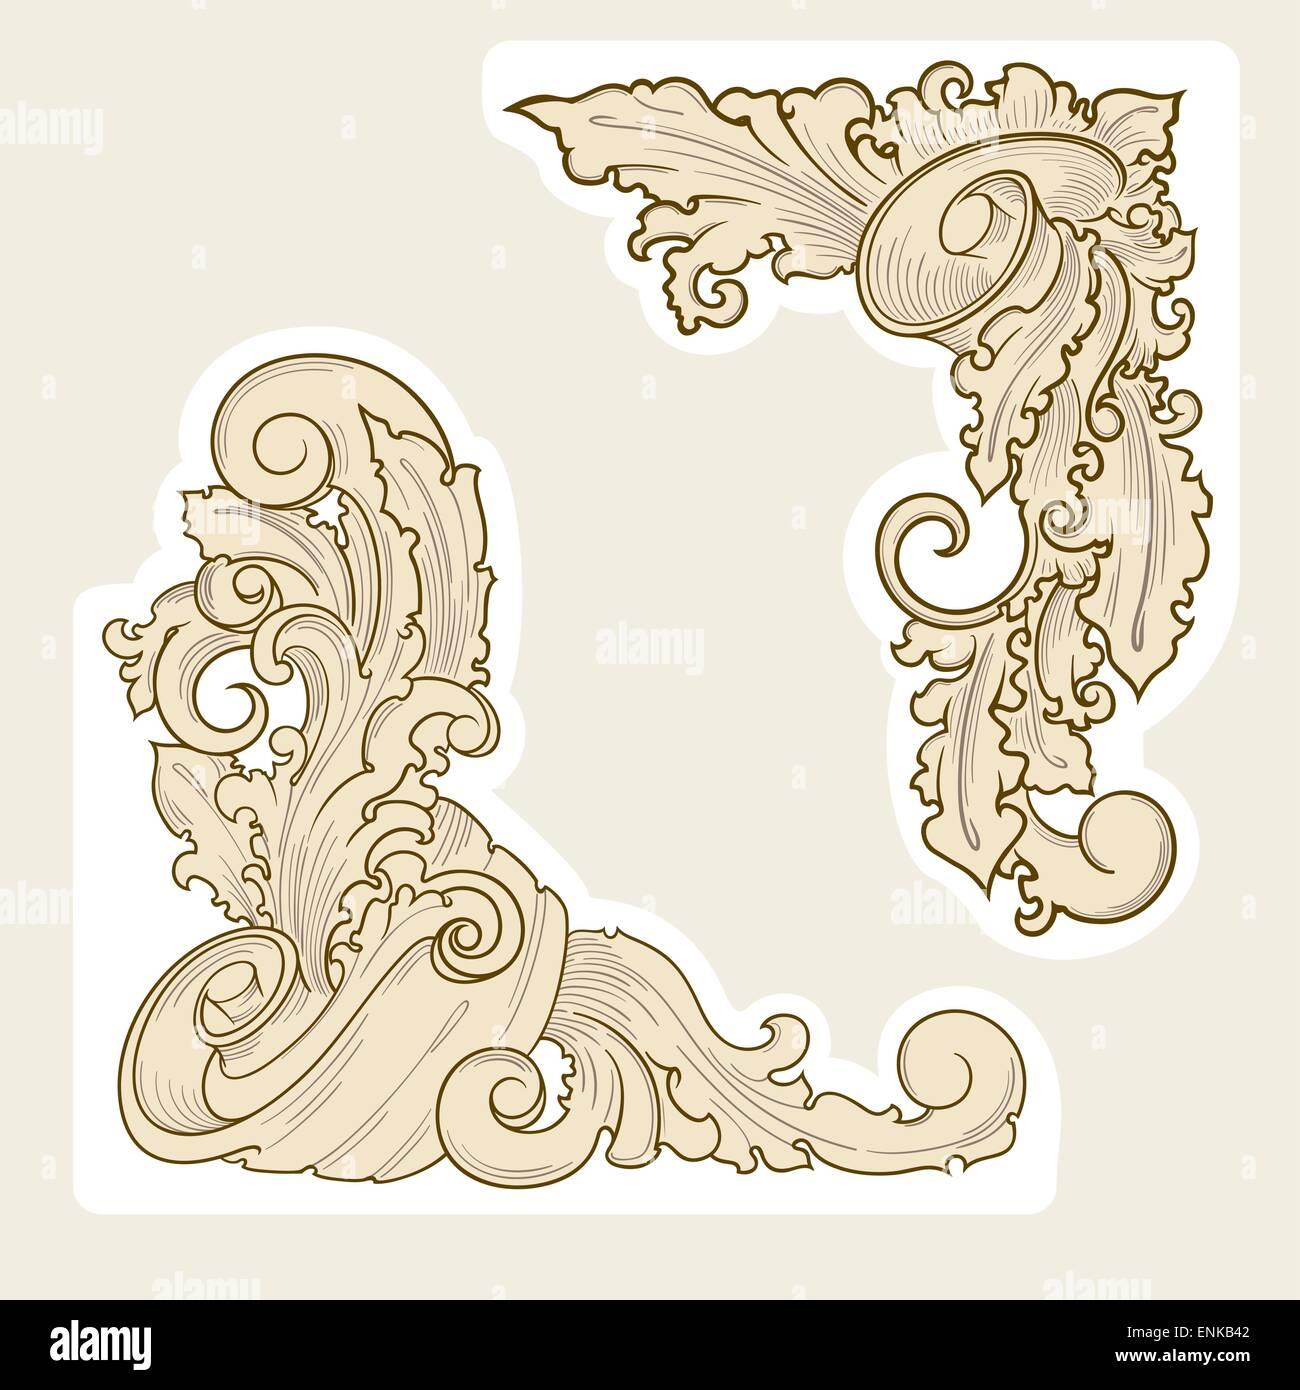 Alten Stil-Design-element Stockbild